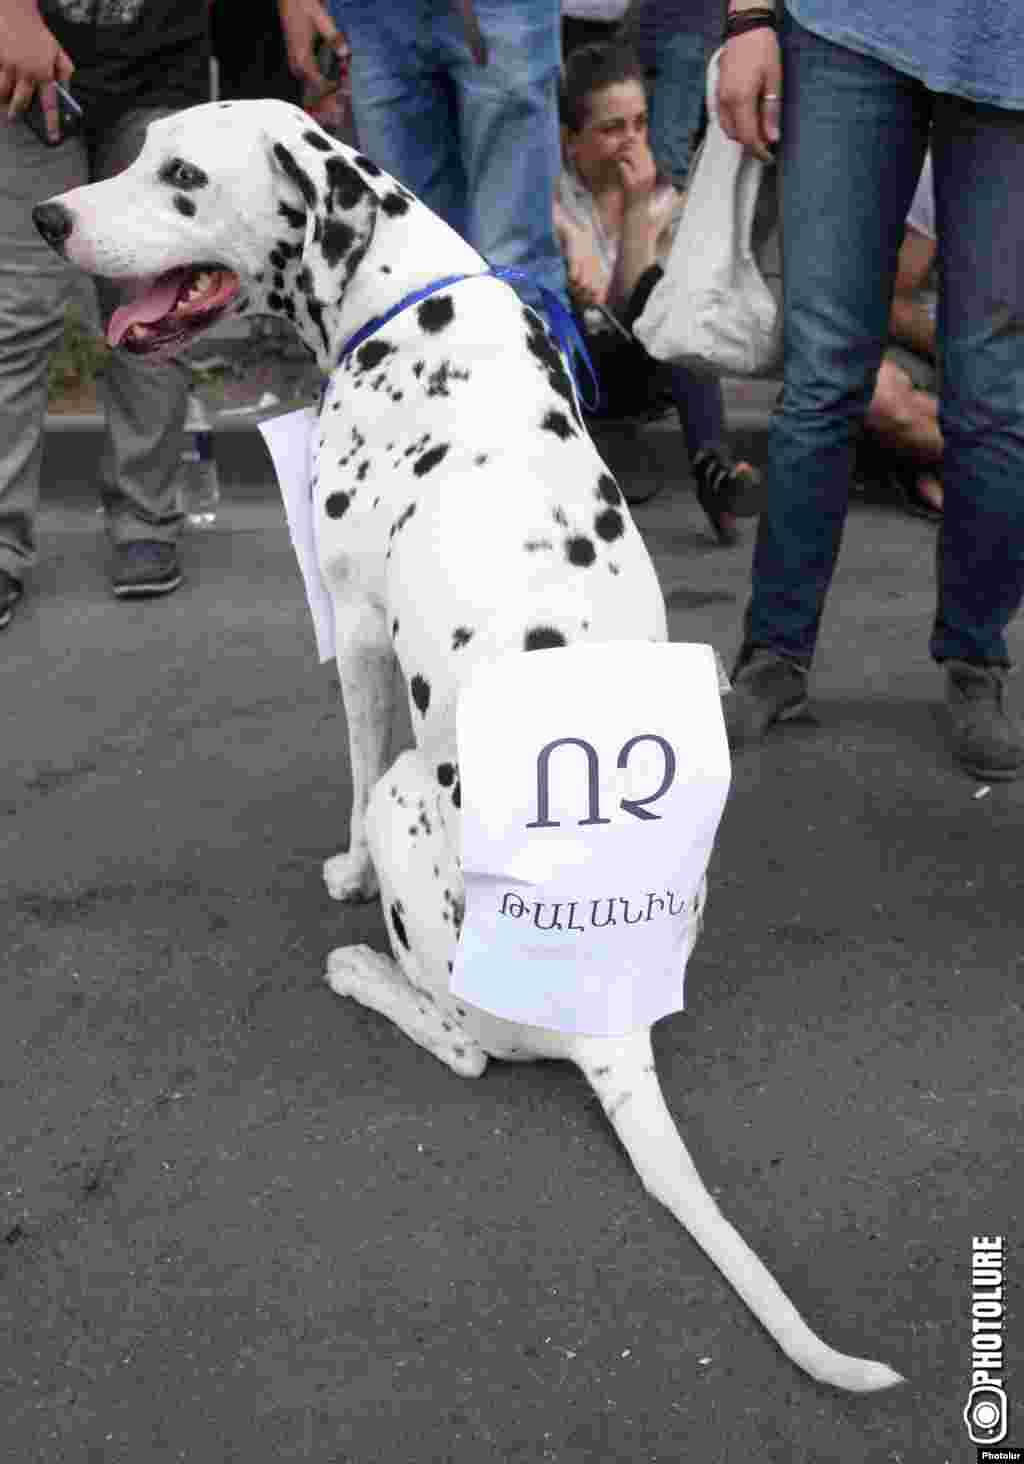 Надпись на спине у собаки гласит: «НЕТ грабежу!»